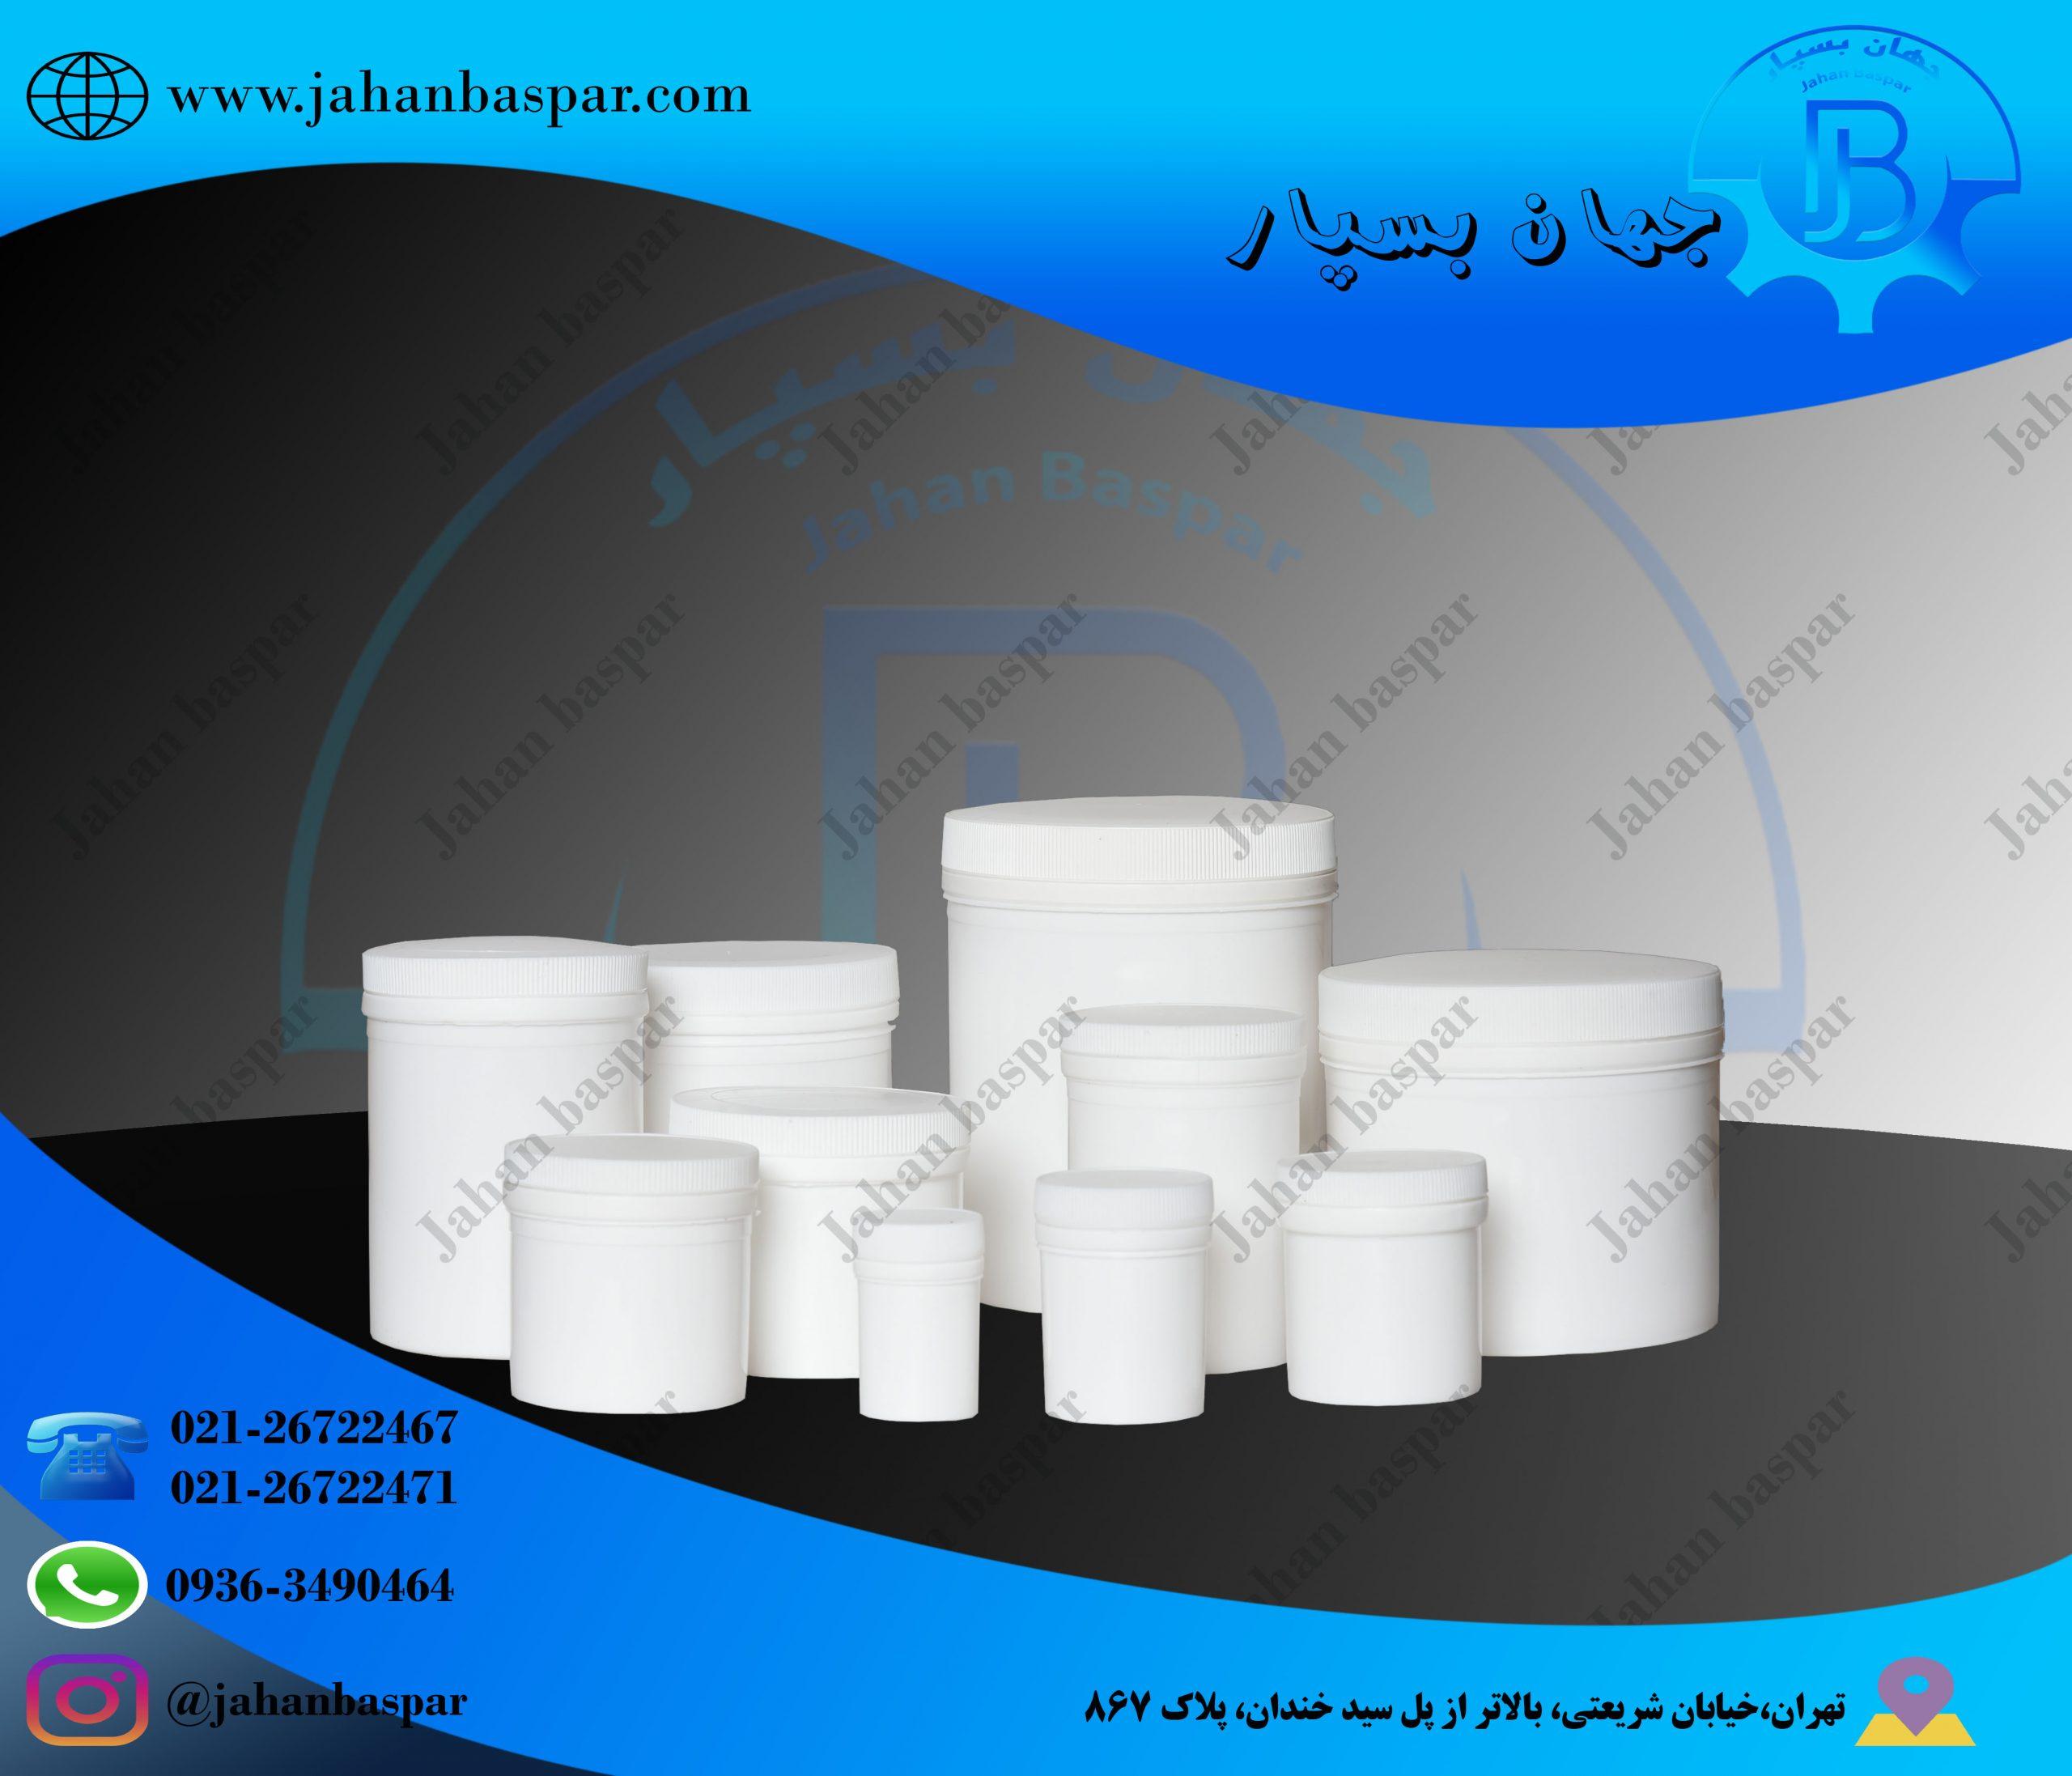 فروش انواع قوطی پلمپی